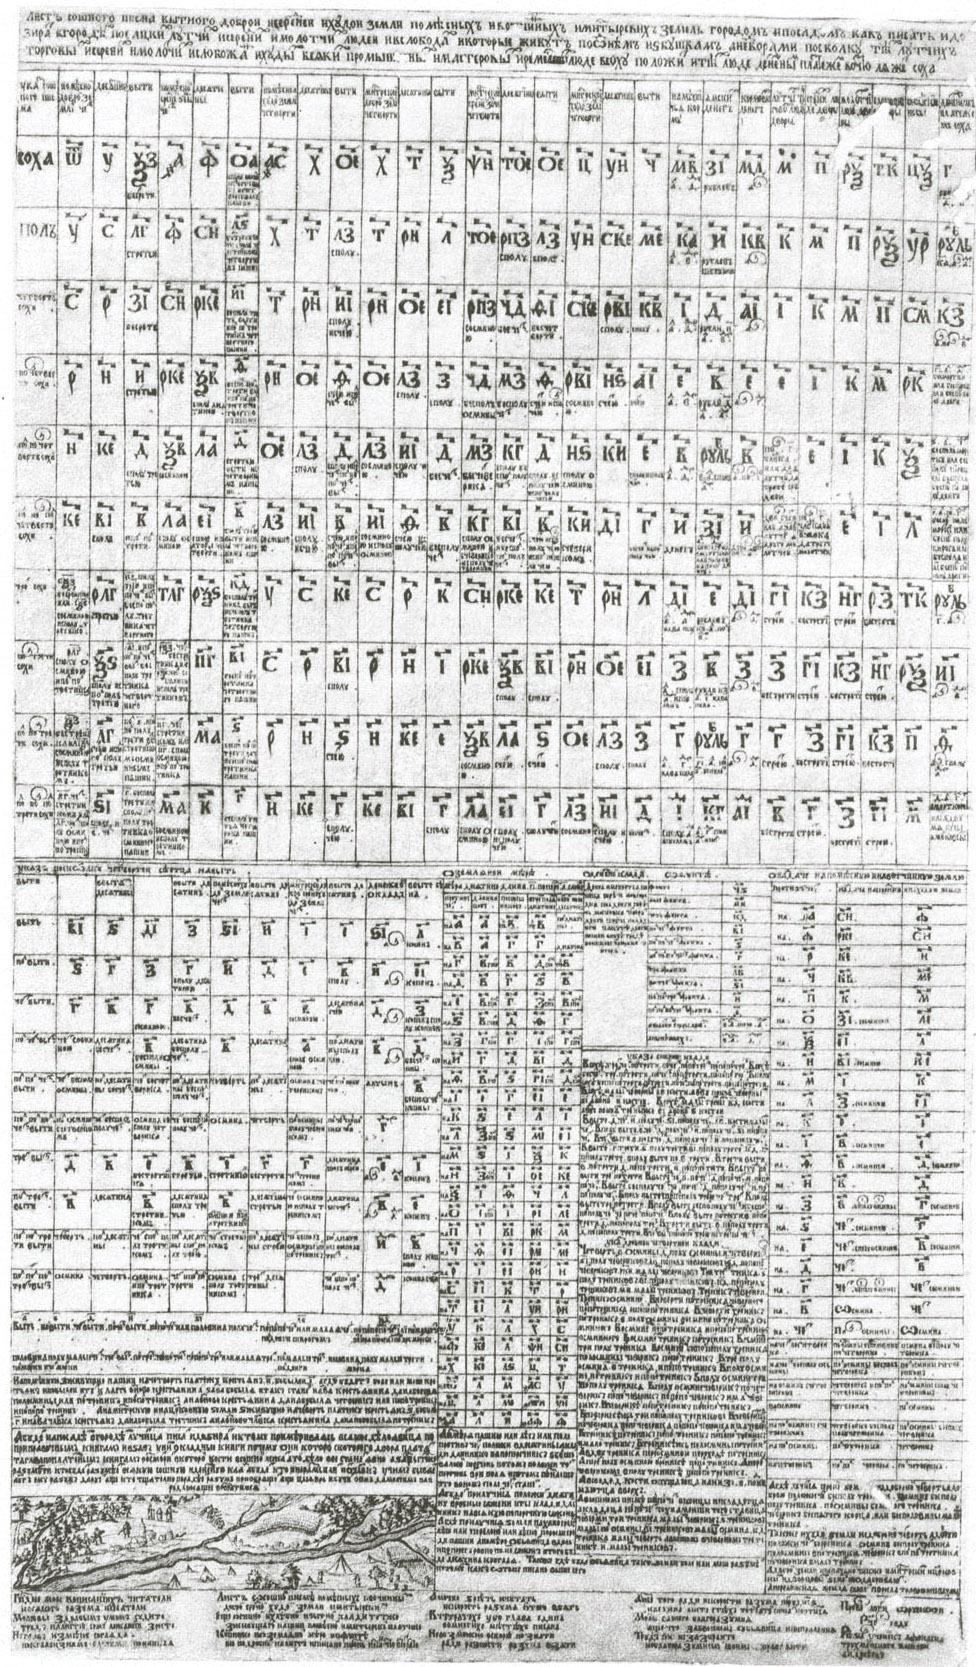 39. Лист Сошного письма, или указ, определяющий податную стоимость земли и количество взимаемого с нее денежного налога.